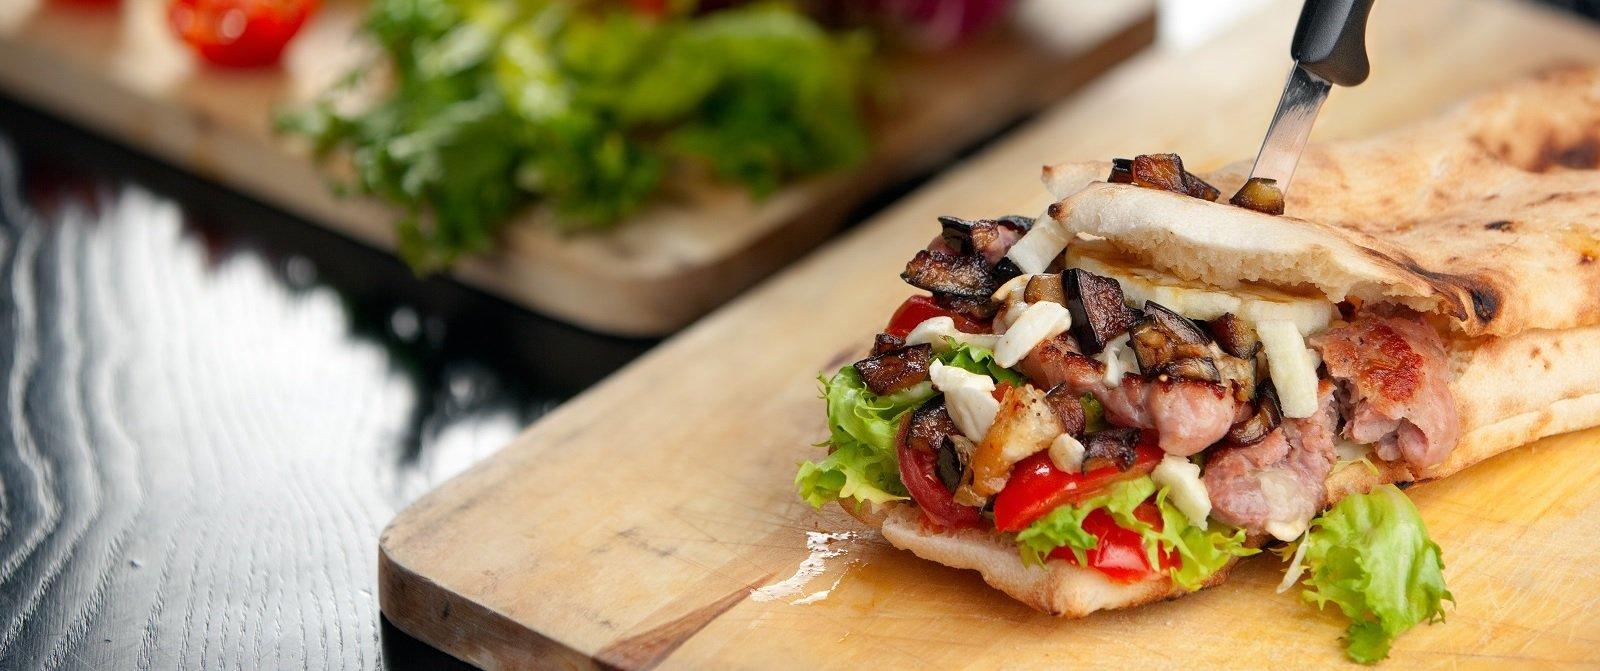 panino con prosciutto cotto,salame,formaggio e verdure